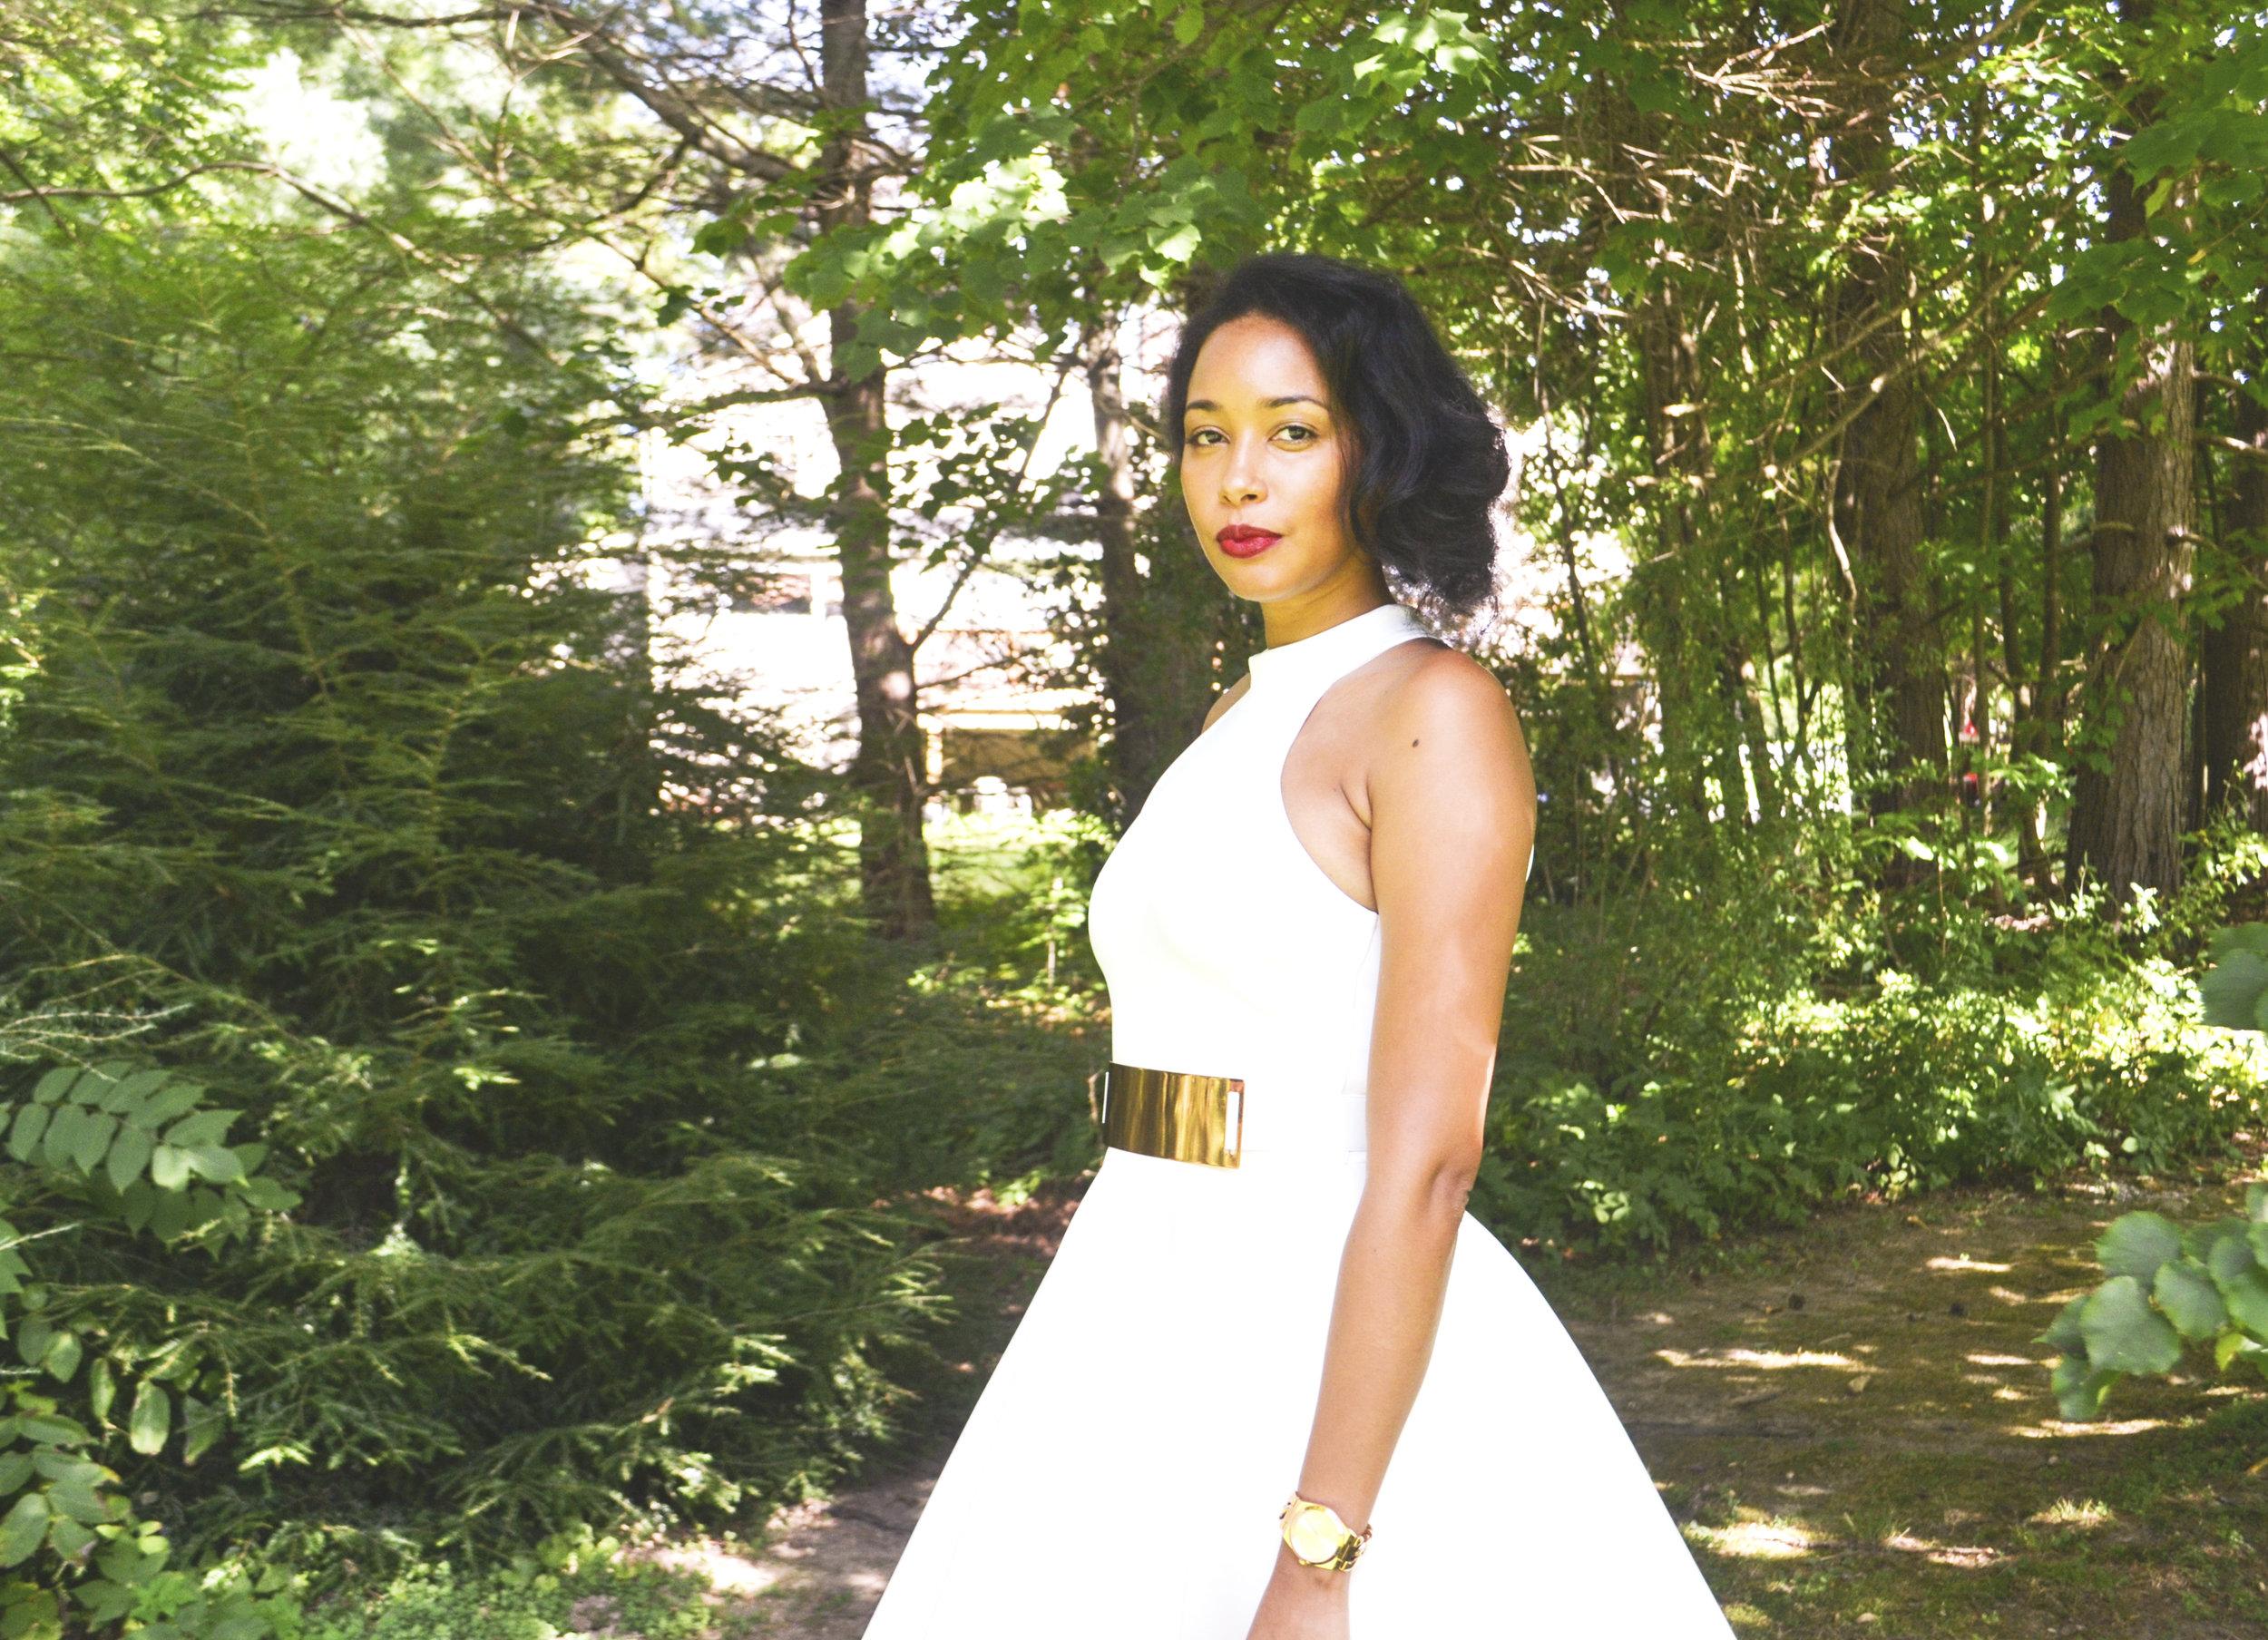 Safiya Sinclair - 21st Recipient